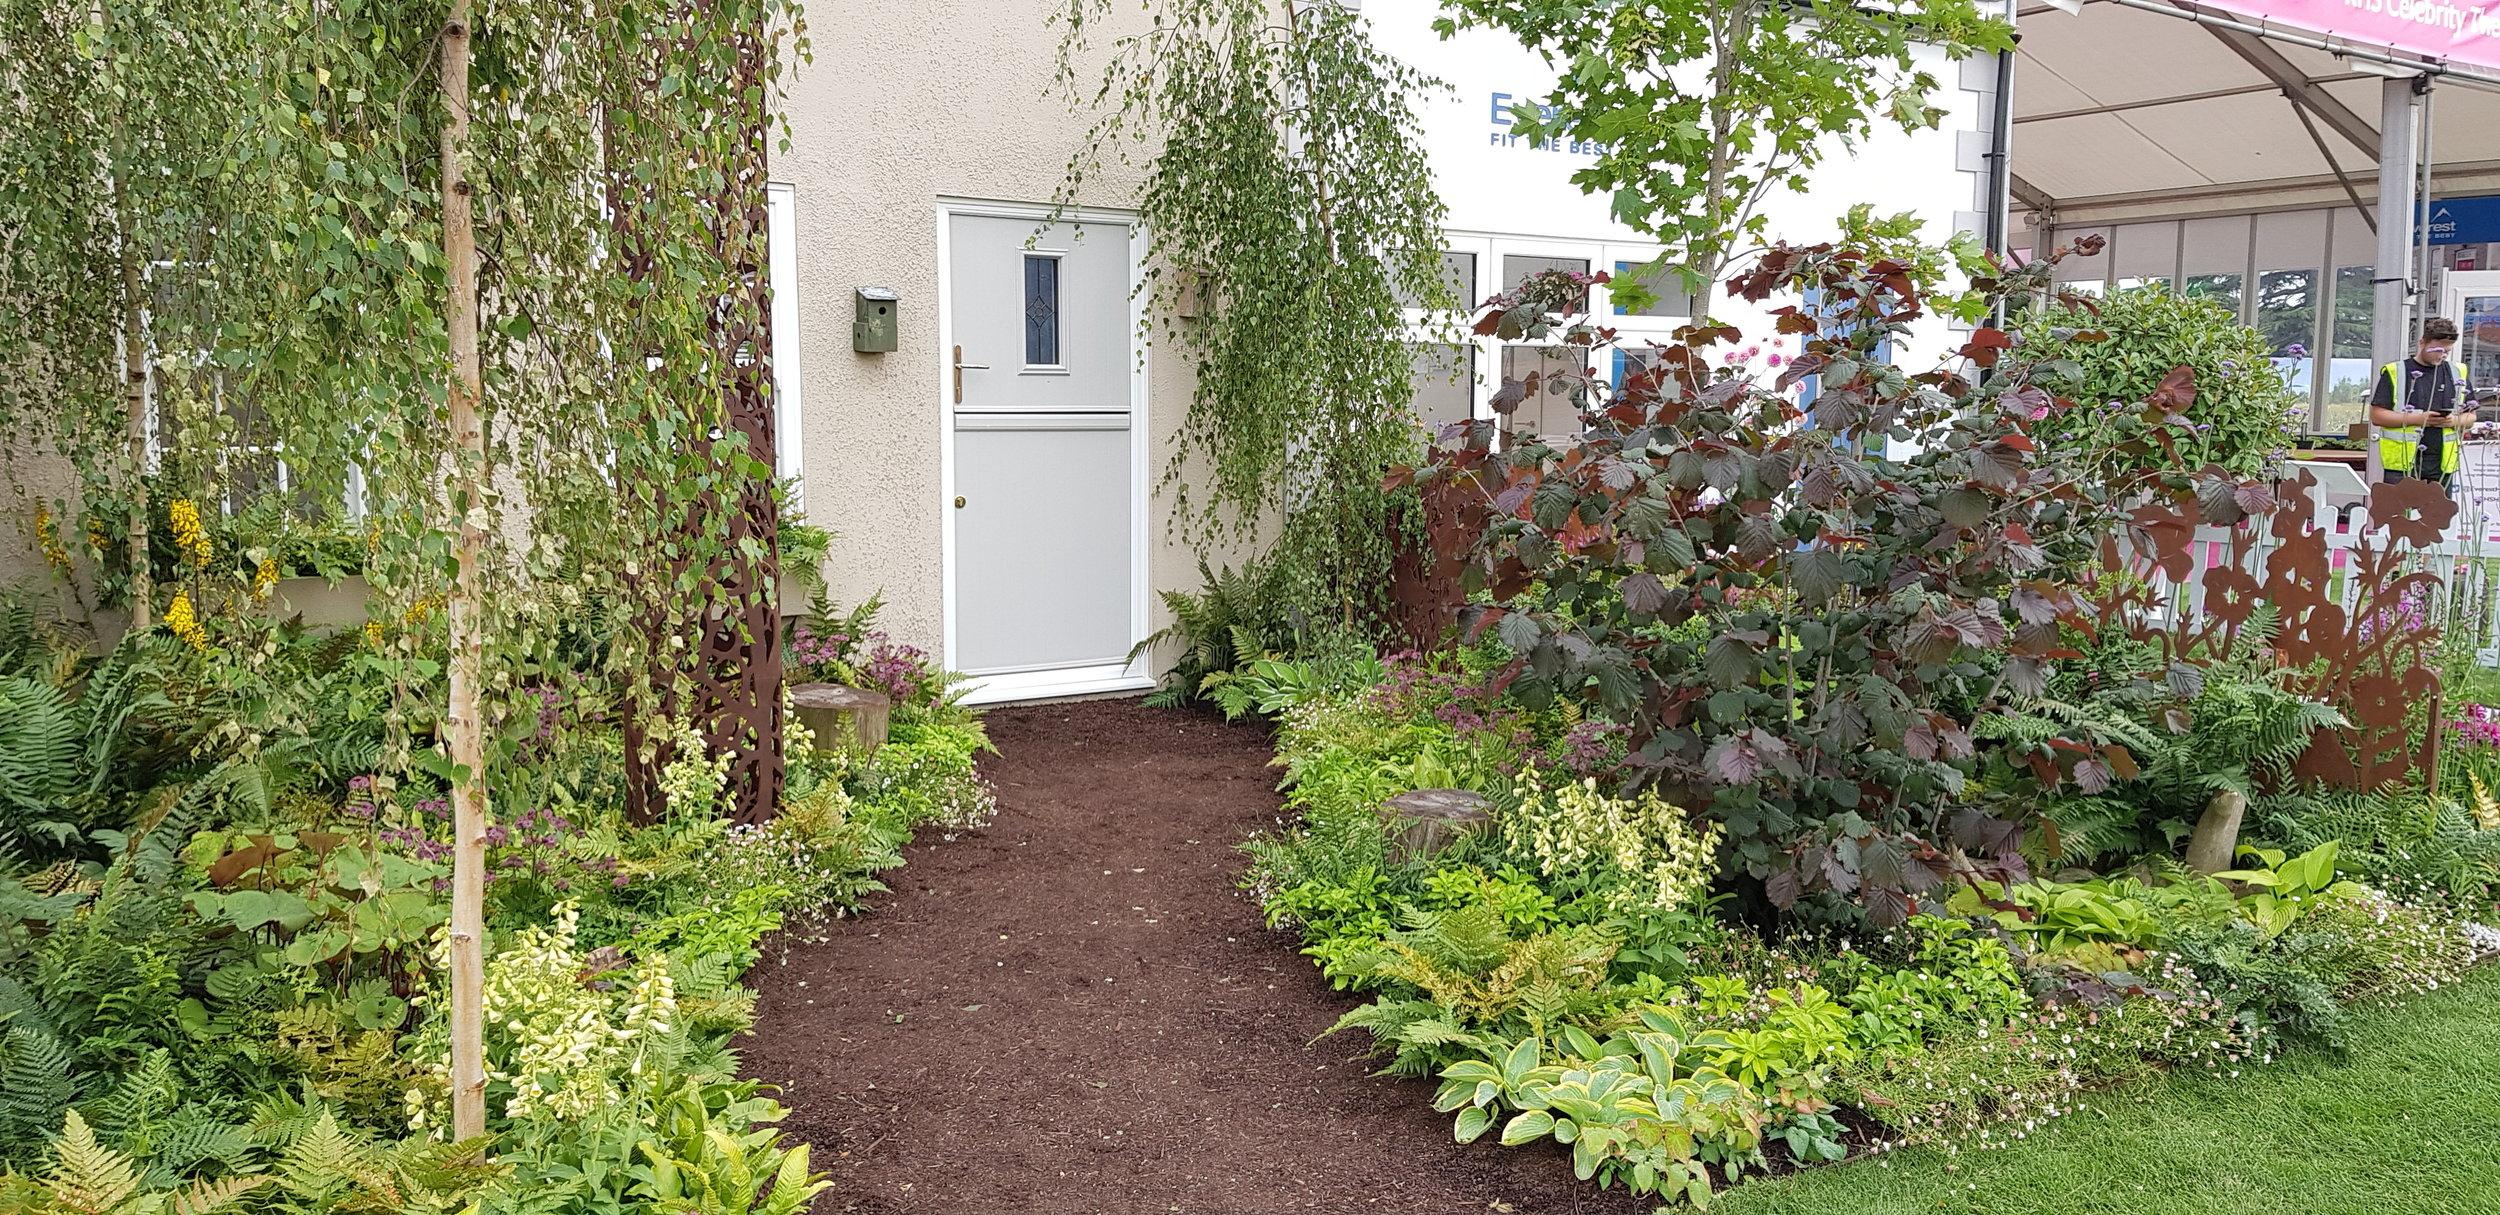 The Woodland Trust Garden